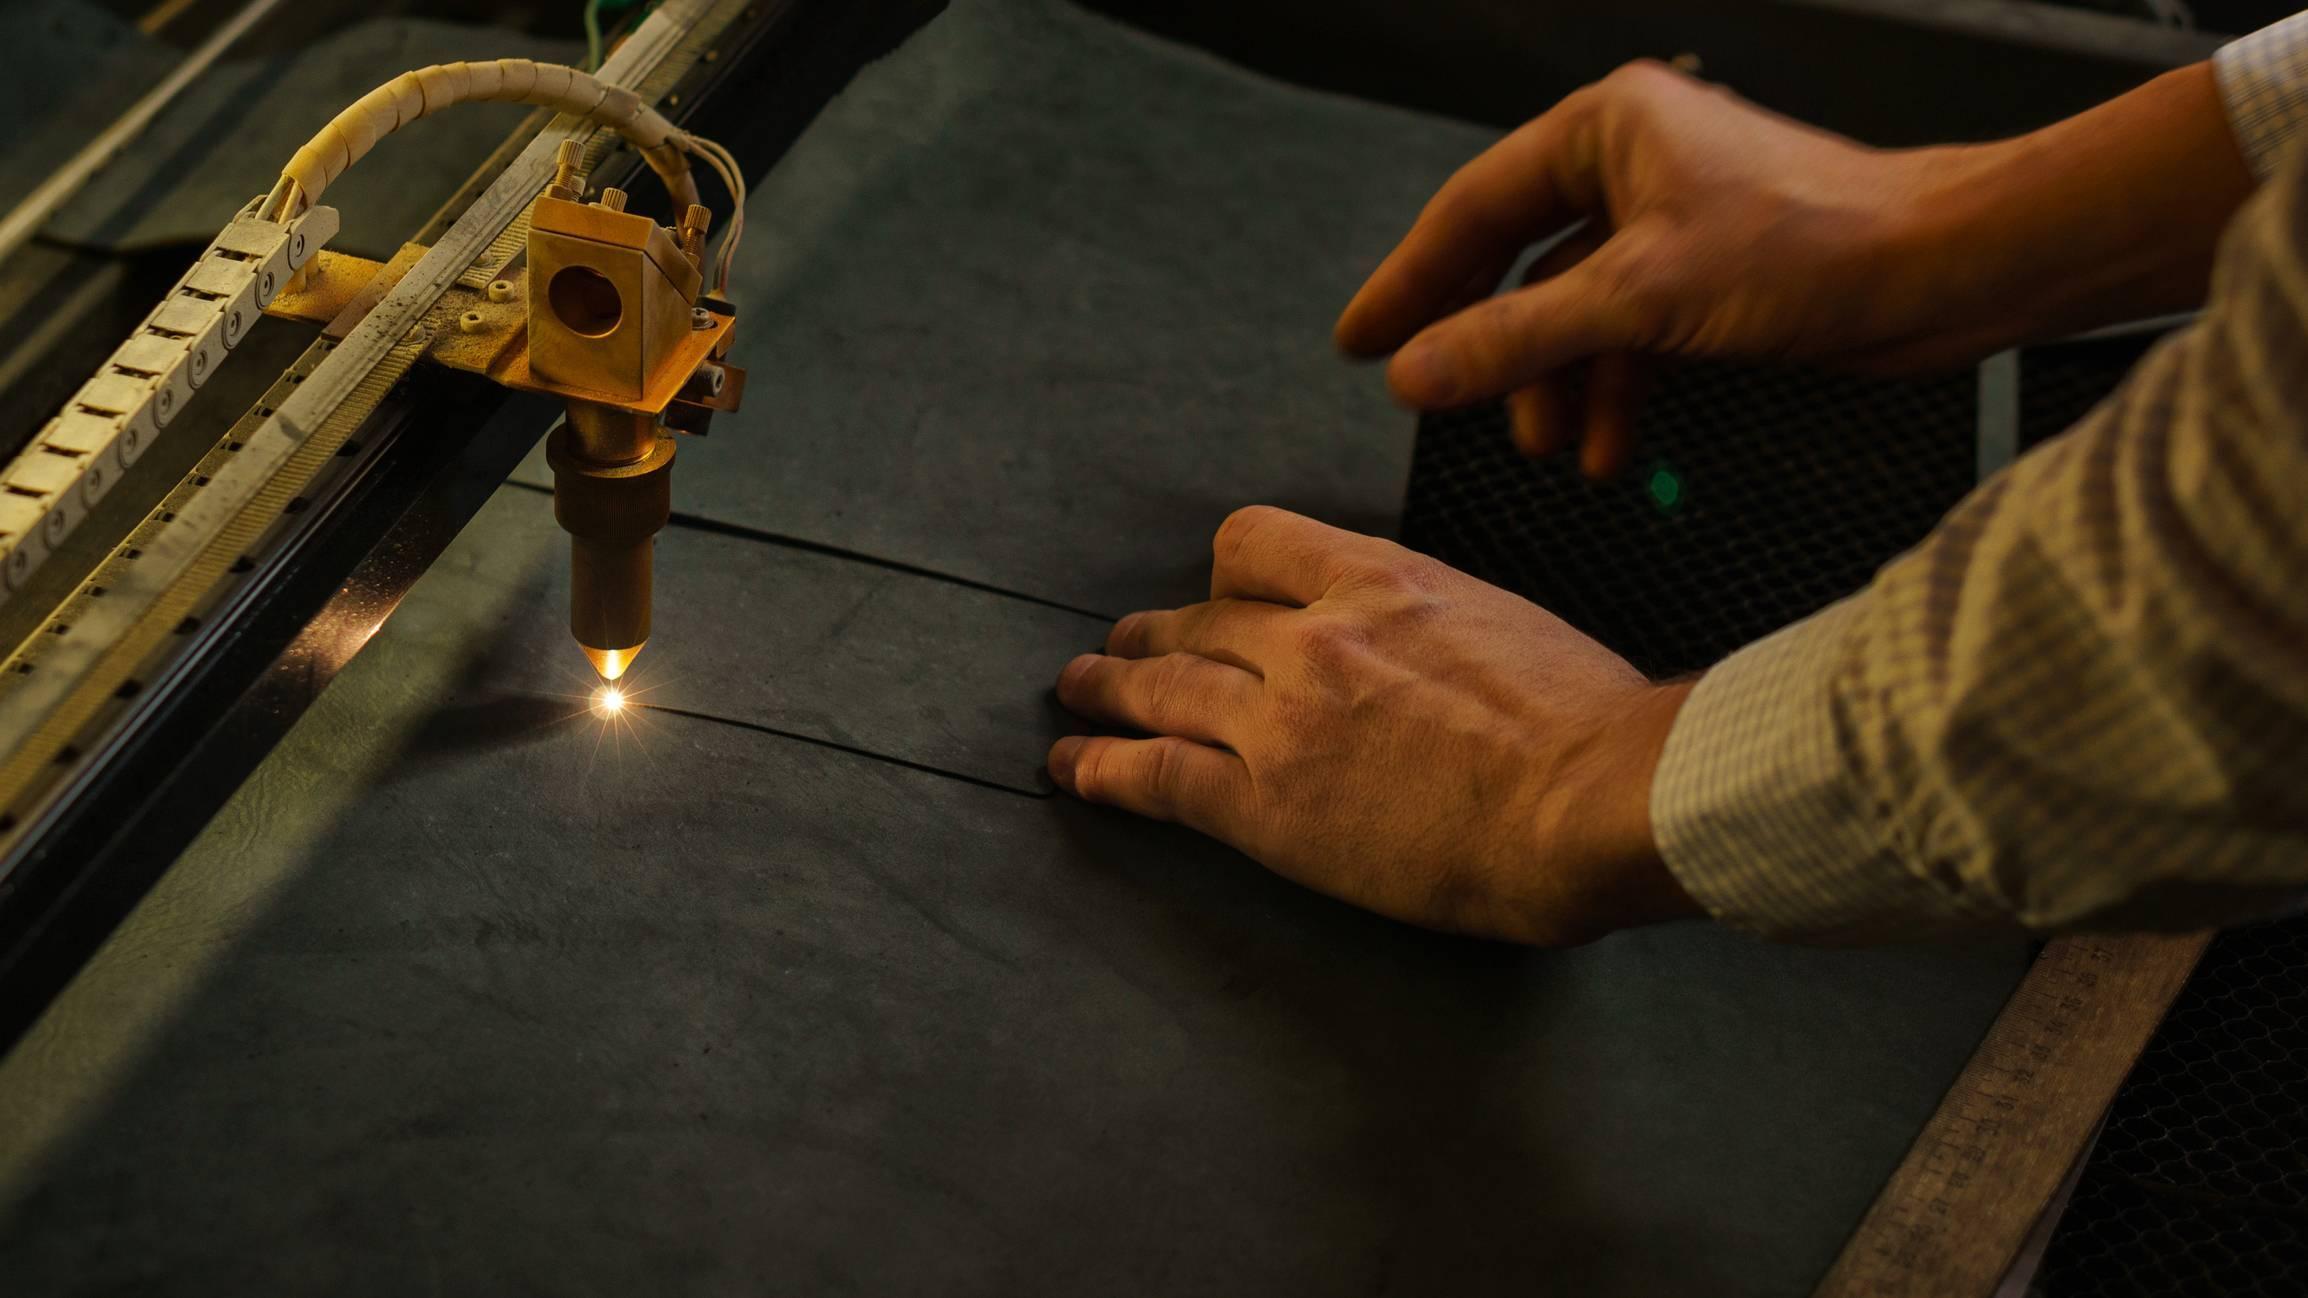 découpe textile industrielle